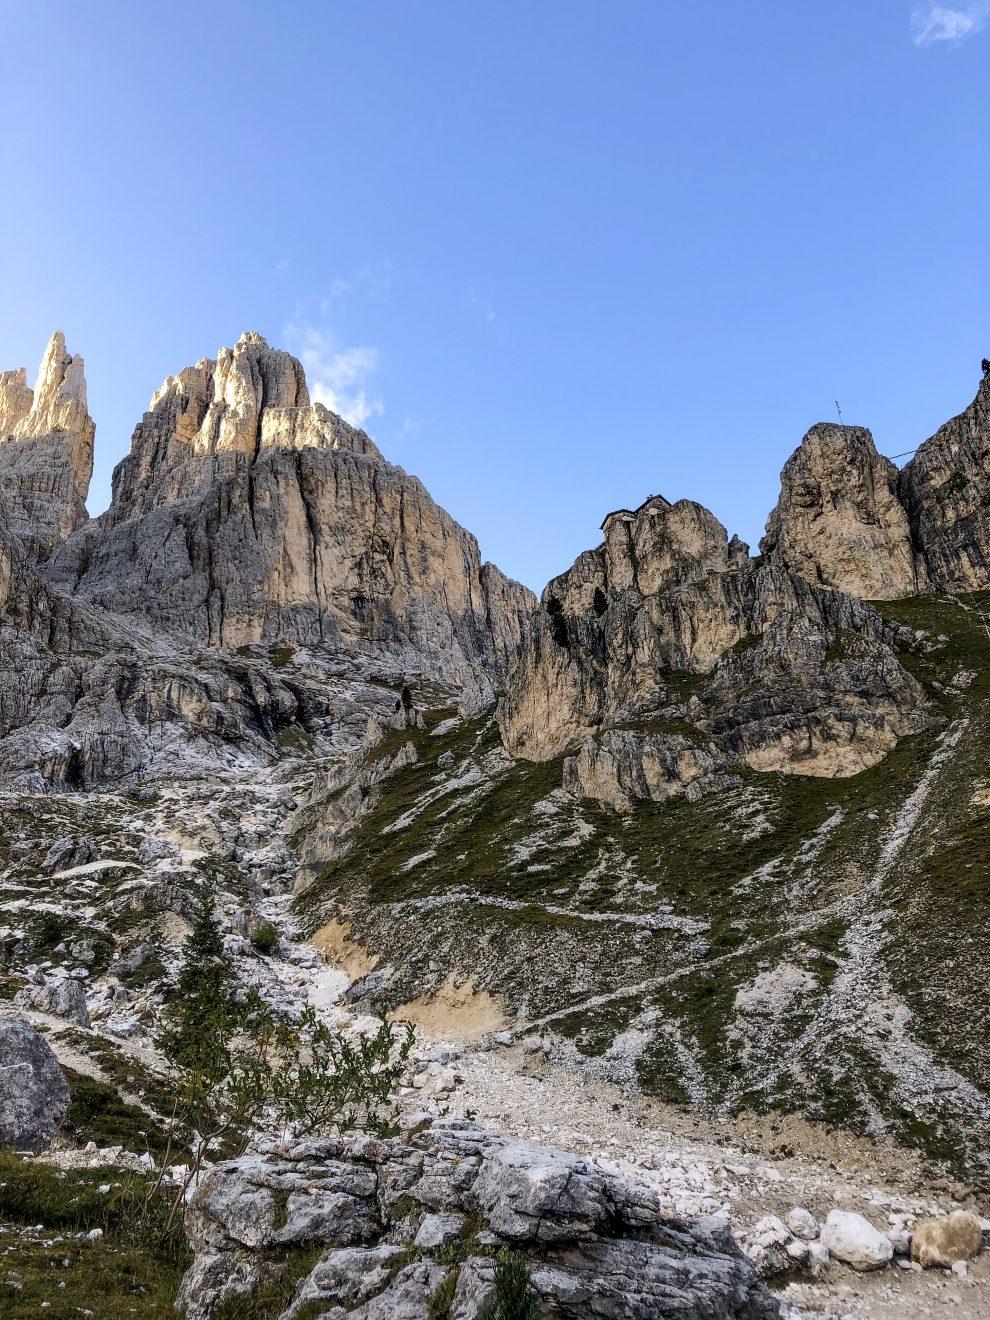 Vakantie naar Zuid Tirol, Dolomieten in de zomer - Rosengartengruppe -  Vajolet Towers - how to reach Vajolet hut